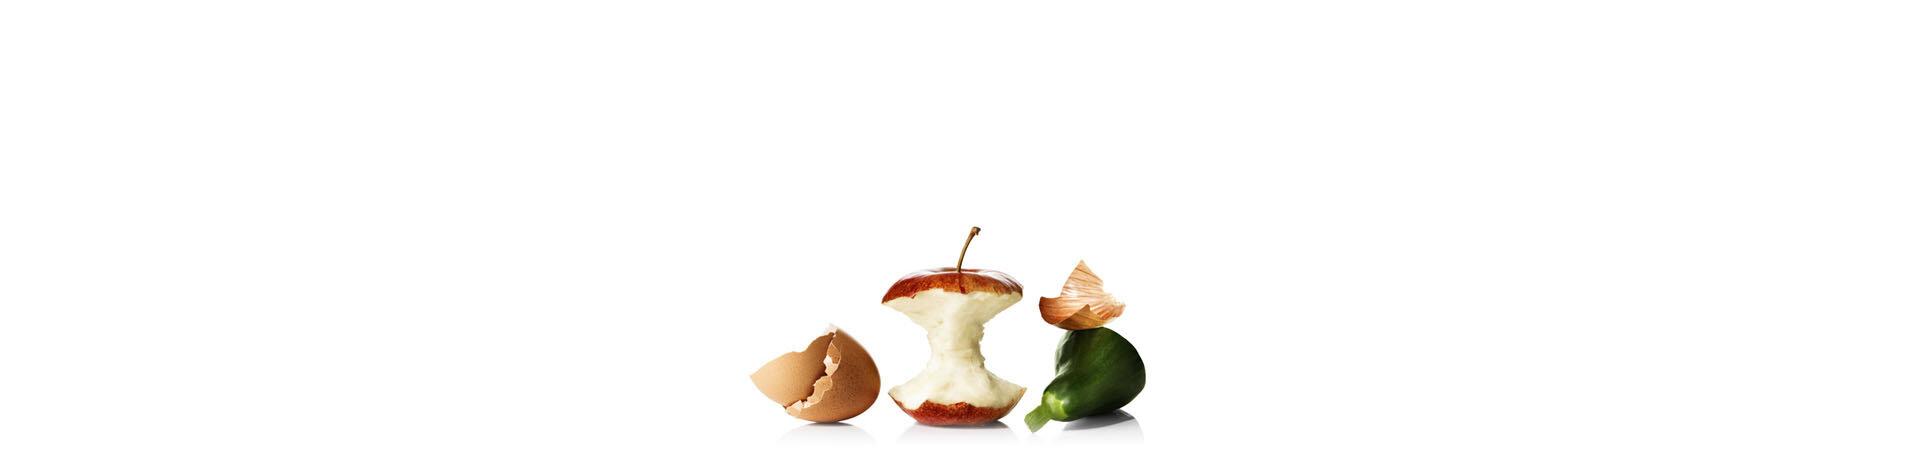 Les restes d'oeufs, de pommes et de paprika